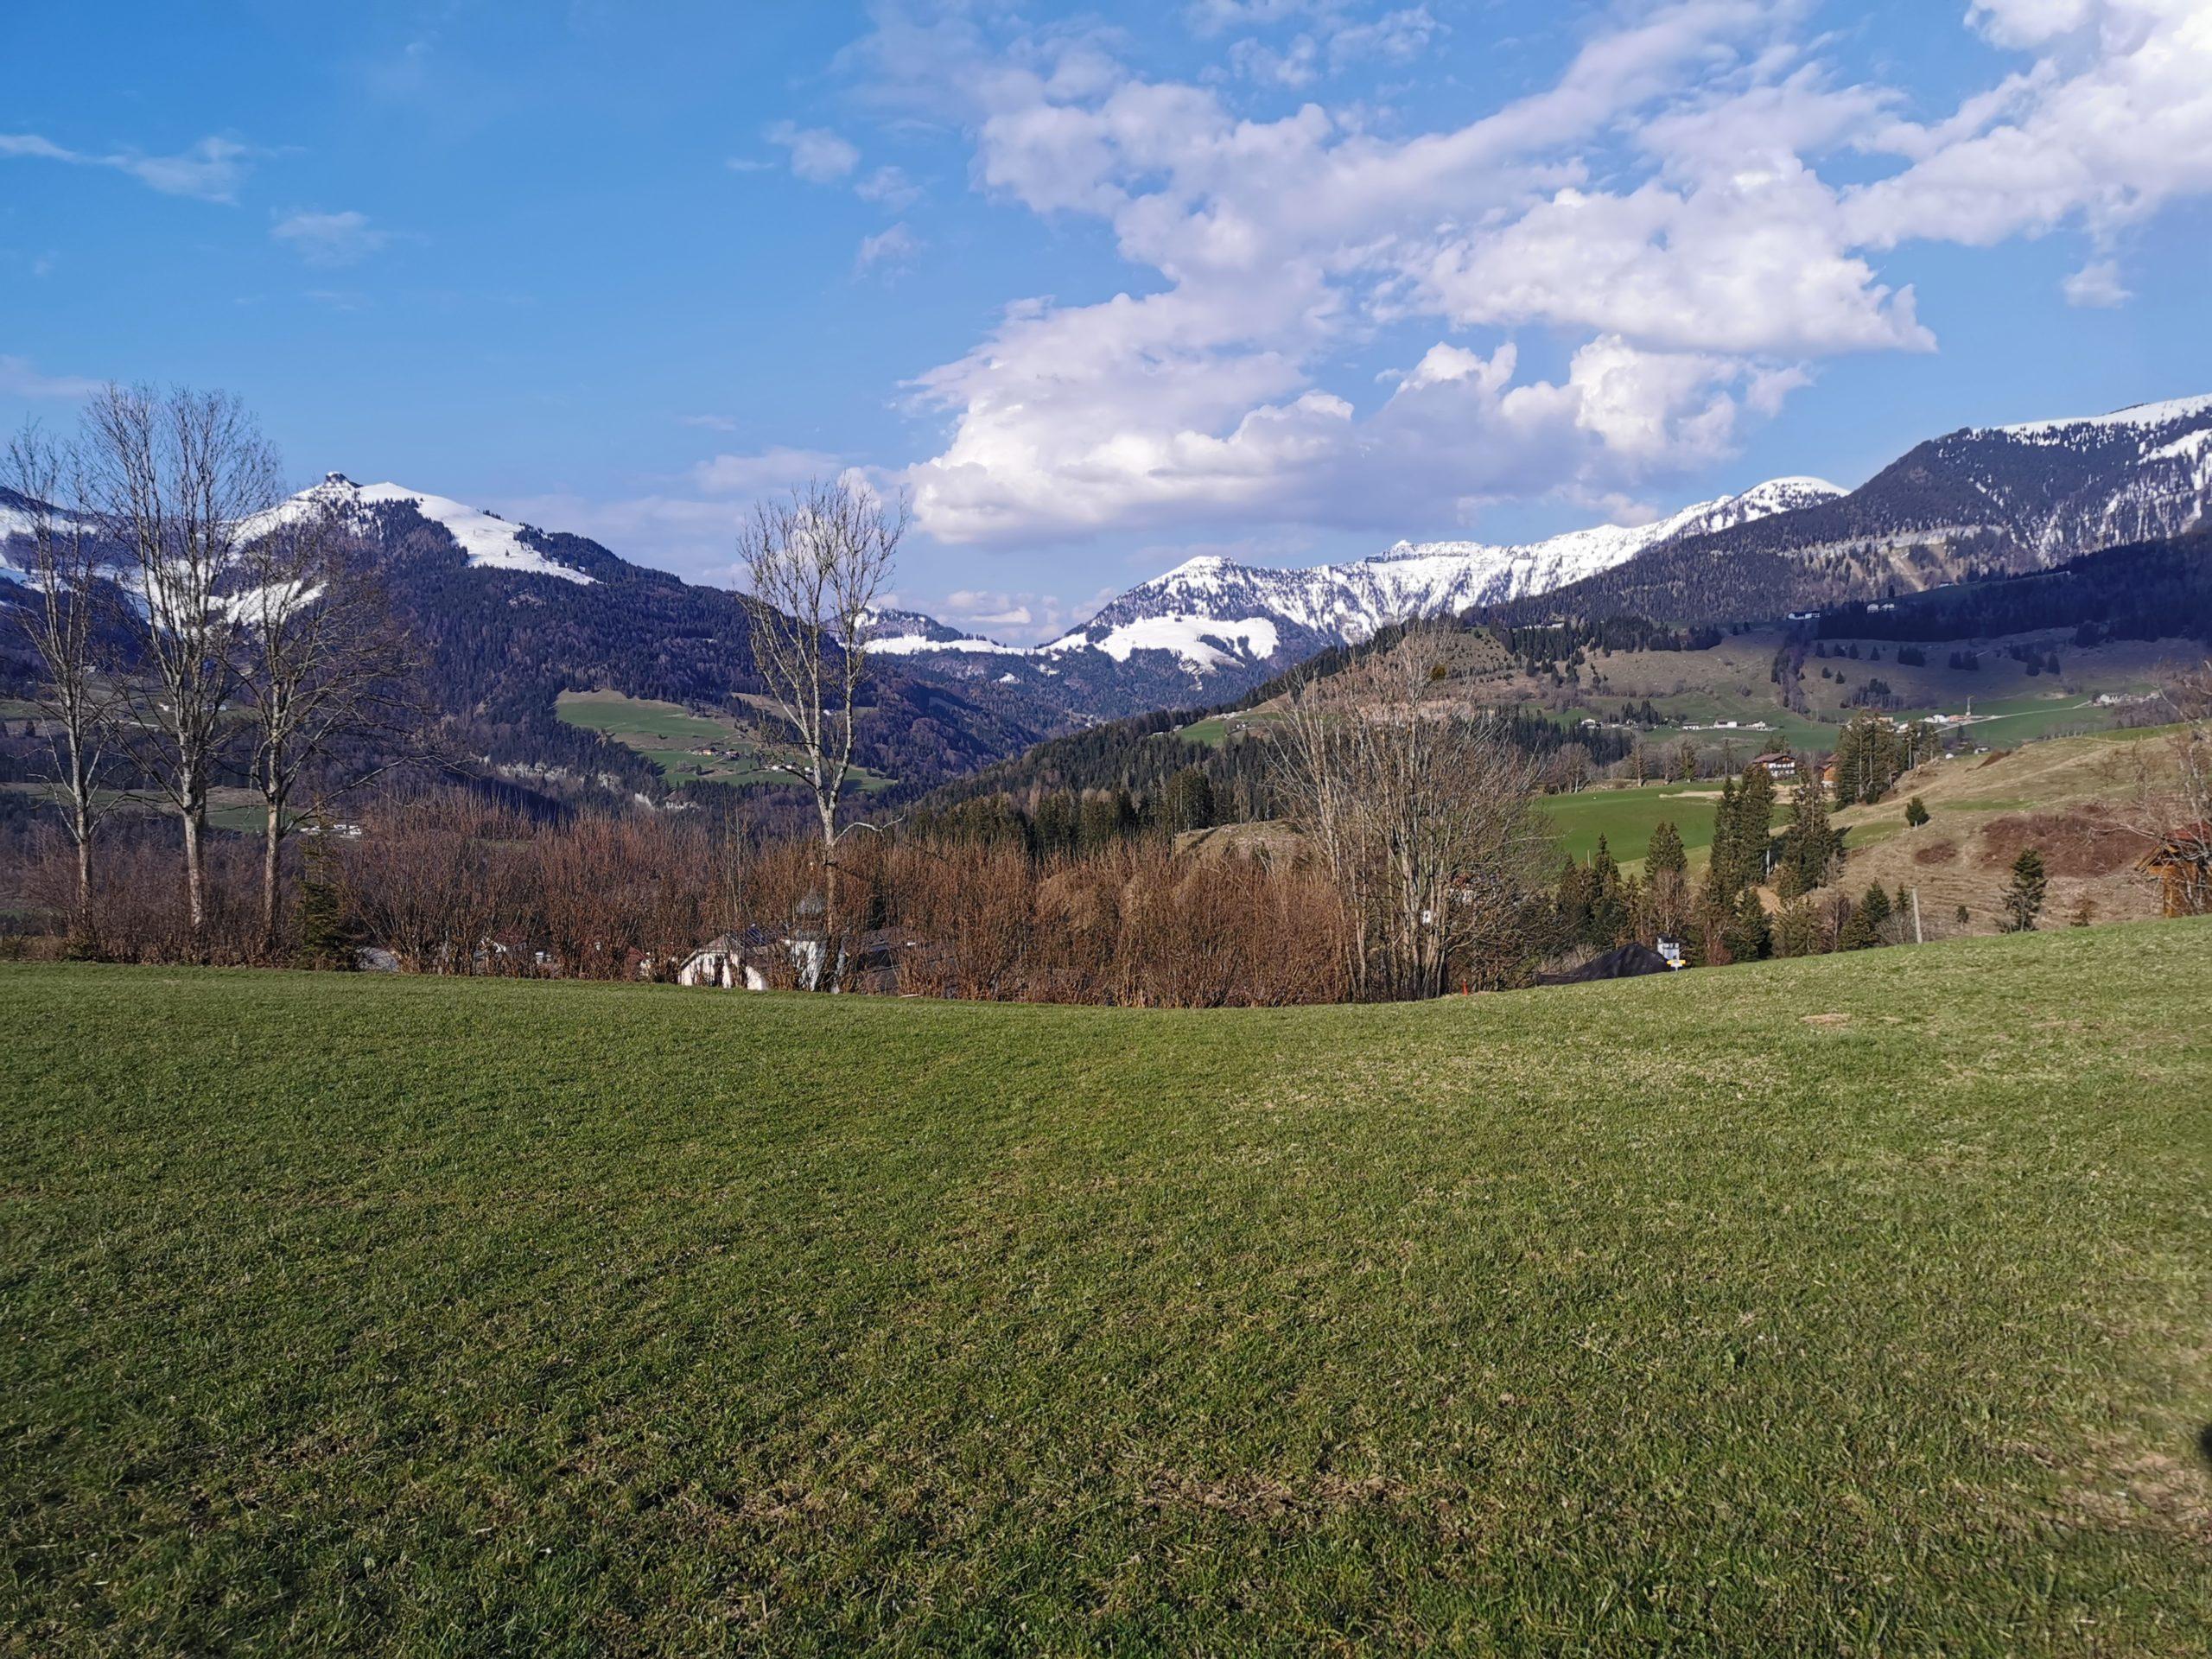 Der Ausblick reicht vom Schlenken bis zum Trattberg auf den letzten Stationen des Taugler Mundartkreuzweges © AlmSinn Martina Egger